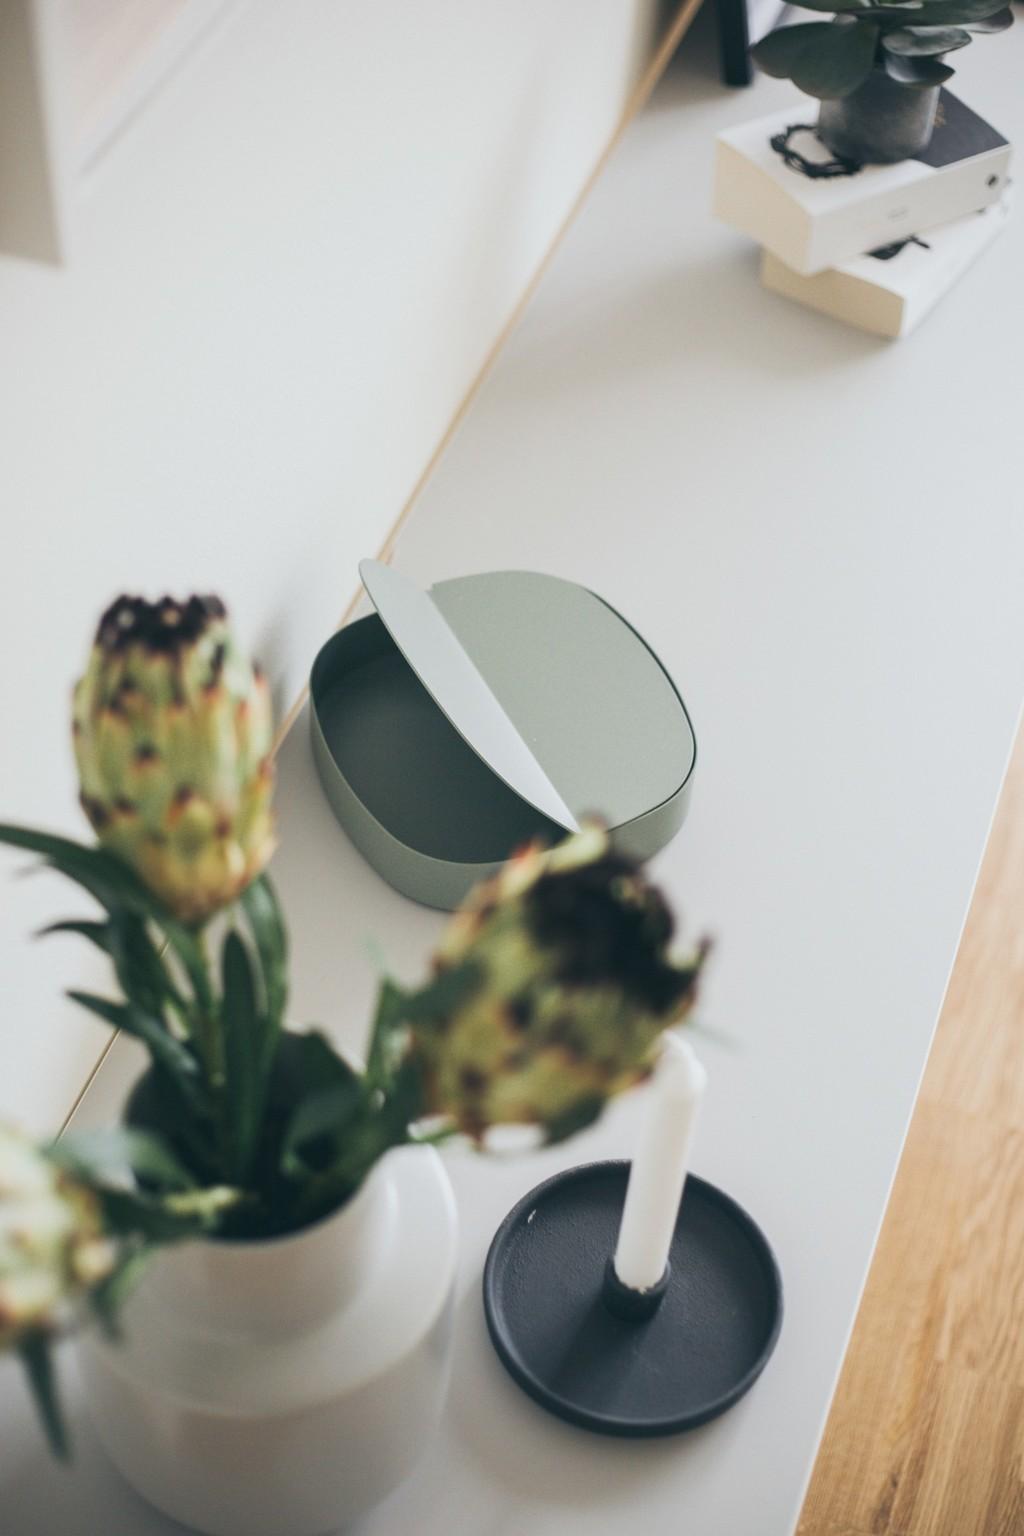 sidobord med vit vas och en grön ask